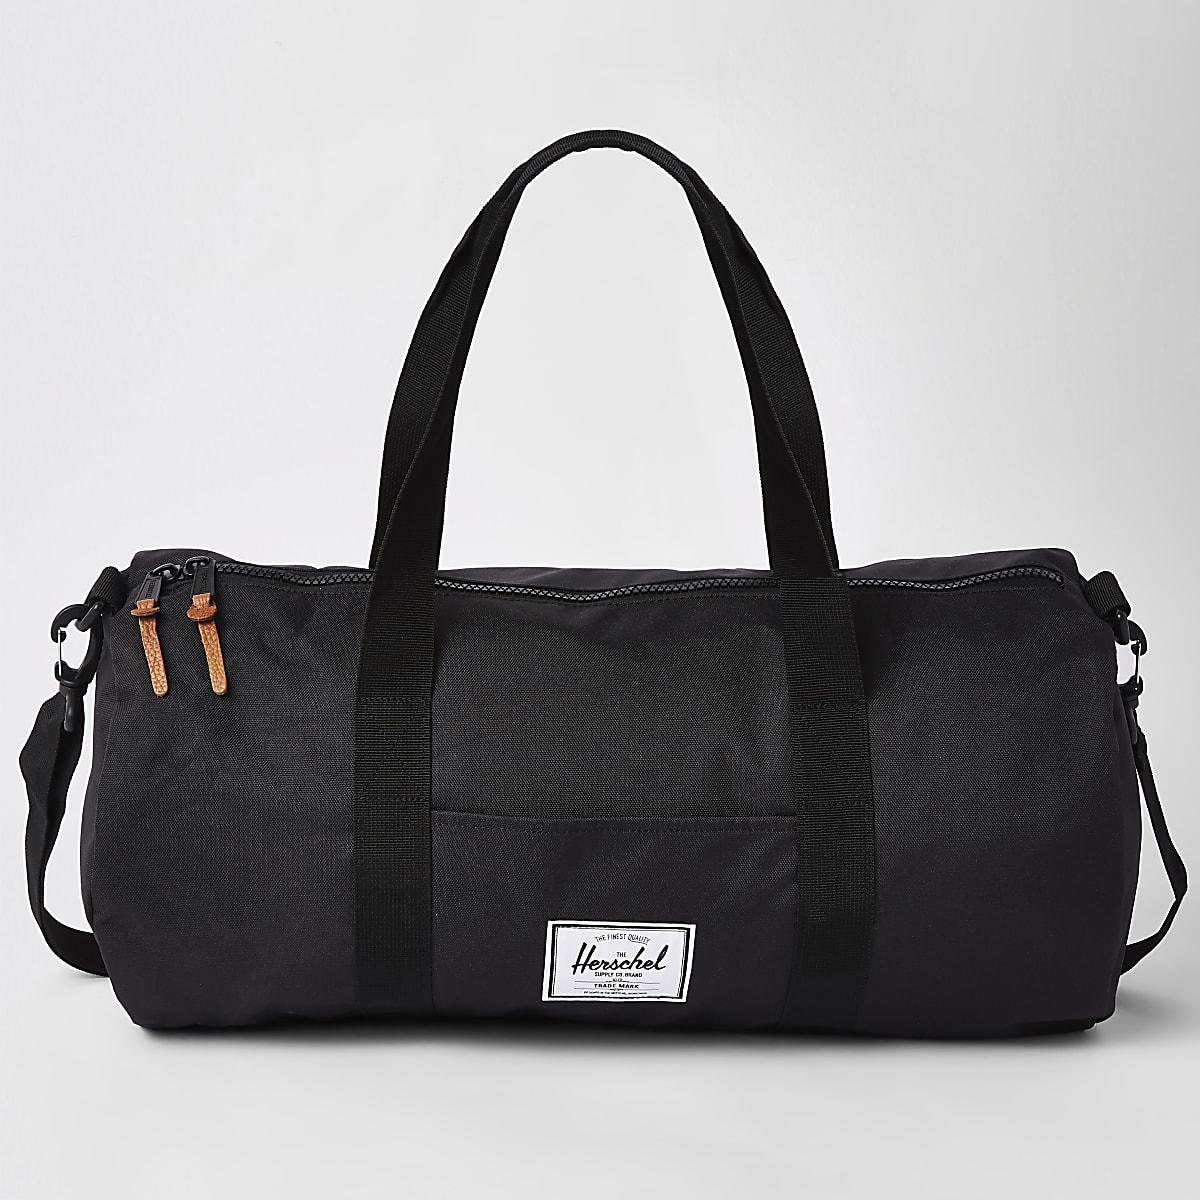 Herschel black Sutton Mid-Volume holdall bag